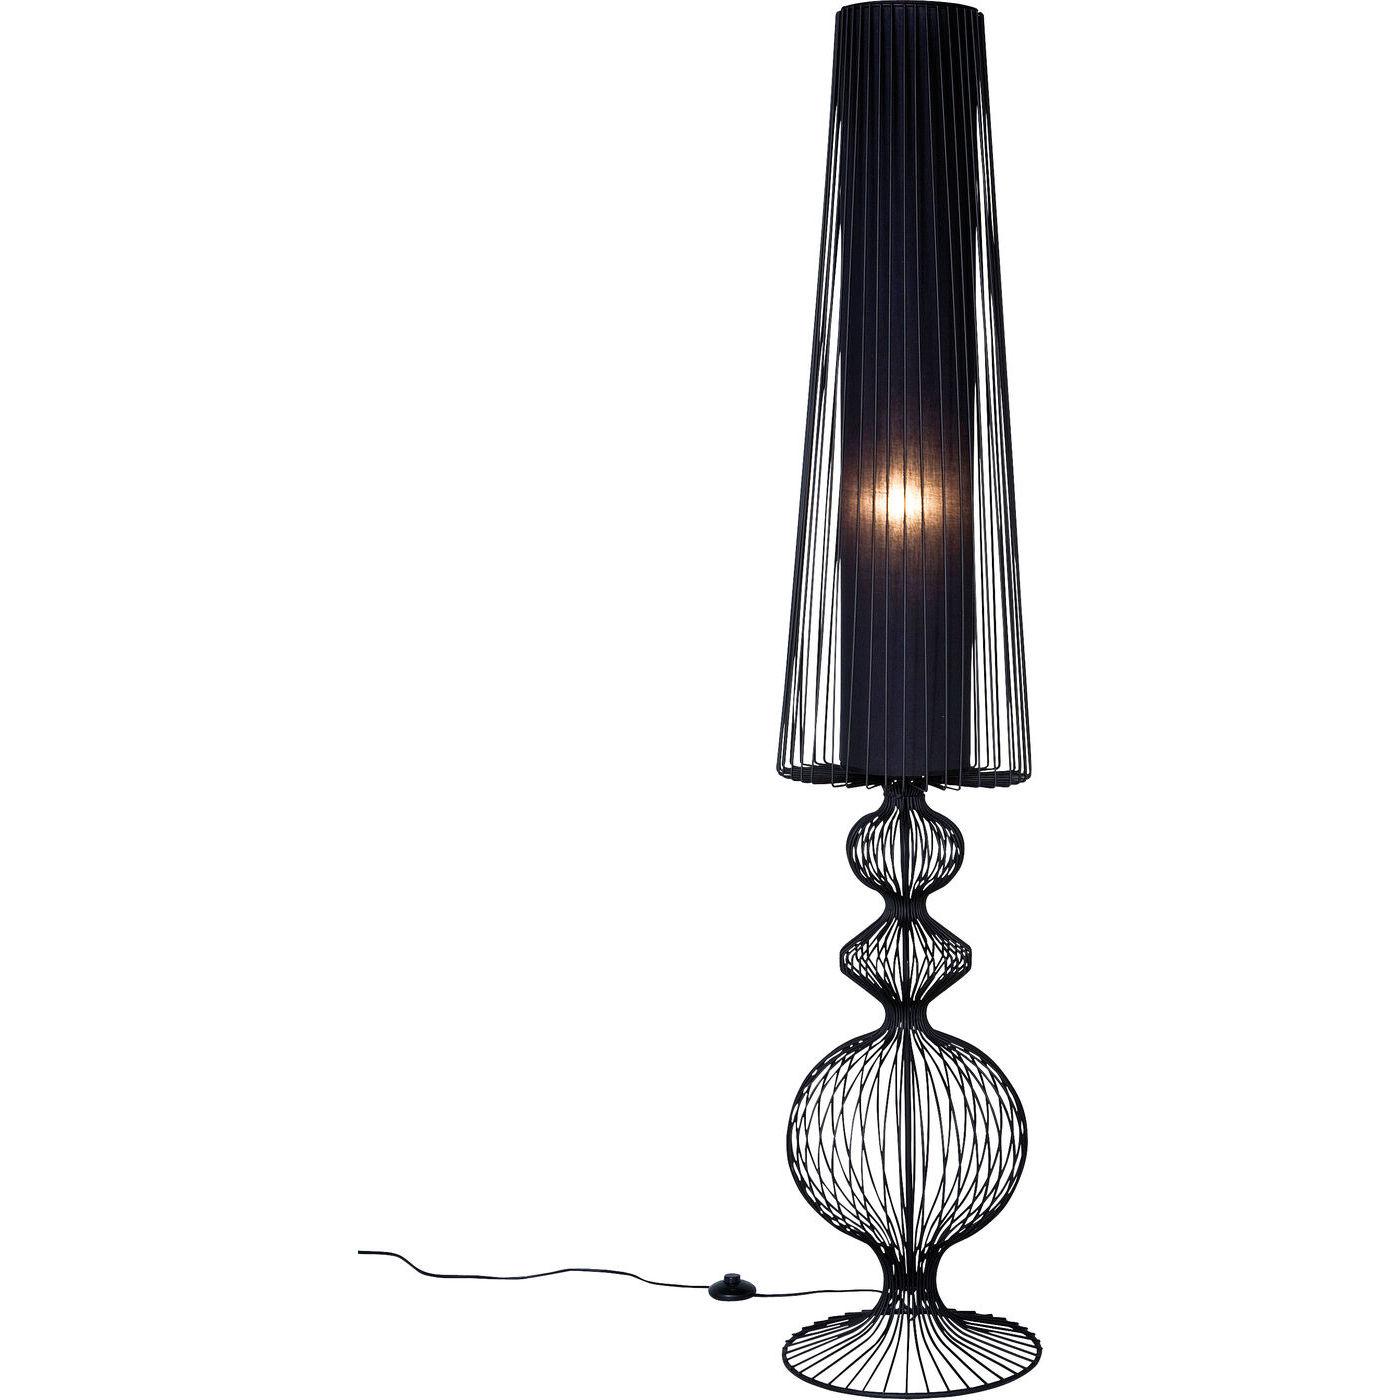 kare design Kare design swing iron uno gulvlampe - sort stål/plastik/træ fra boboonline.dk